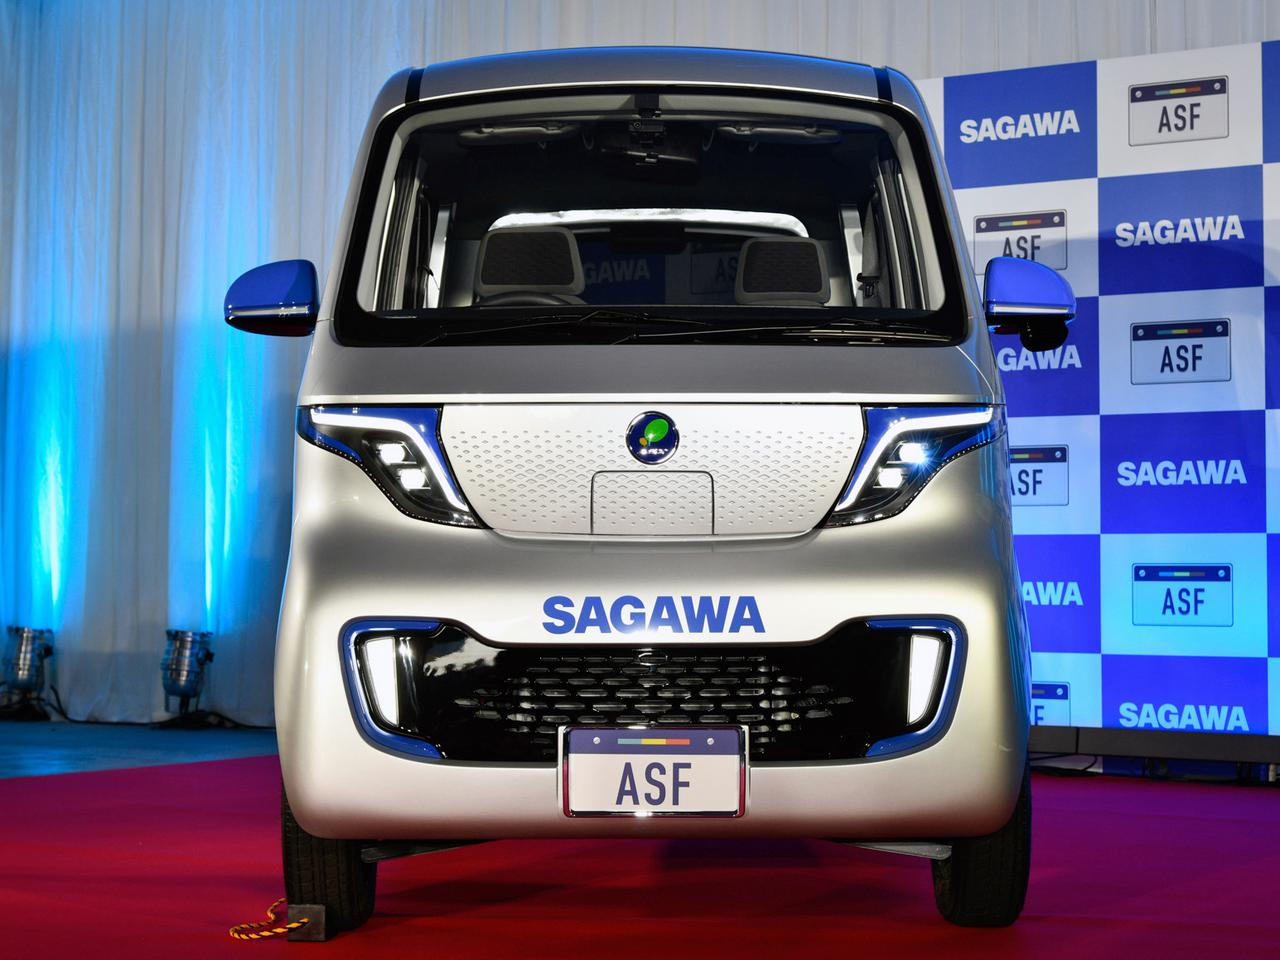 【はたらくクルマ】佐川急便が宅配用EVのプロトタイプを公開。収納や車内照明などの工夫多数